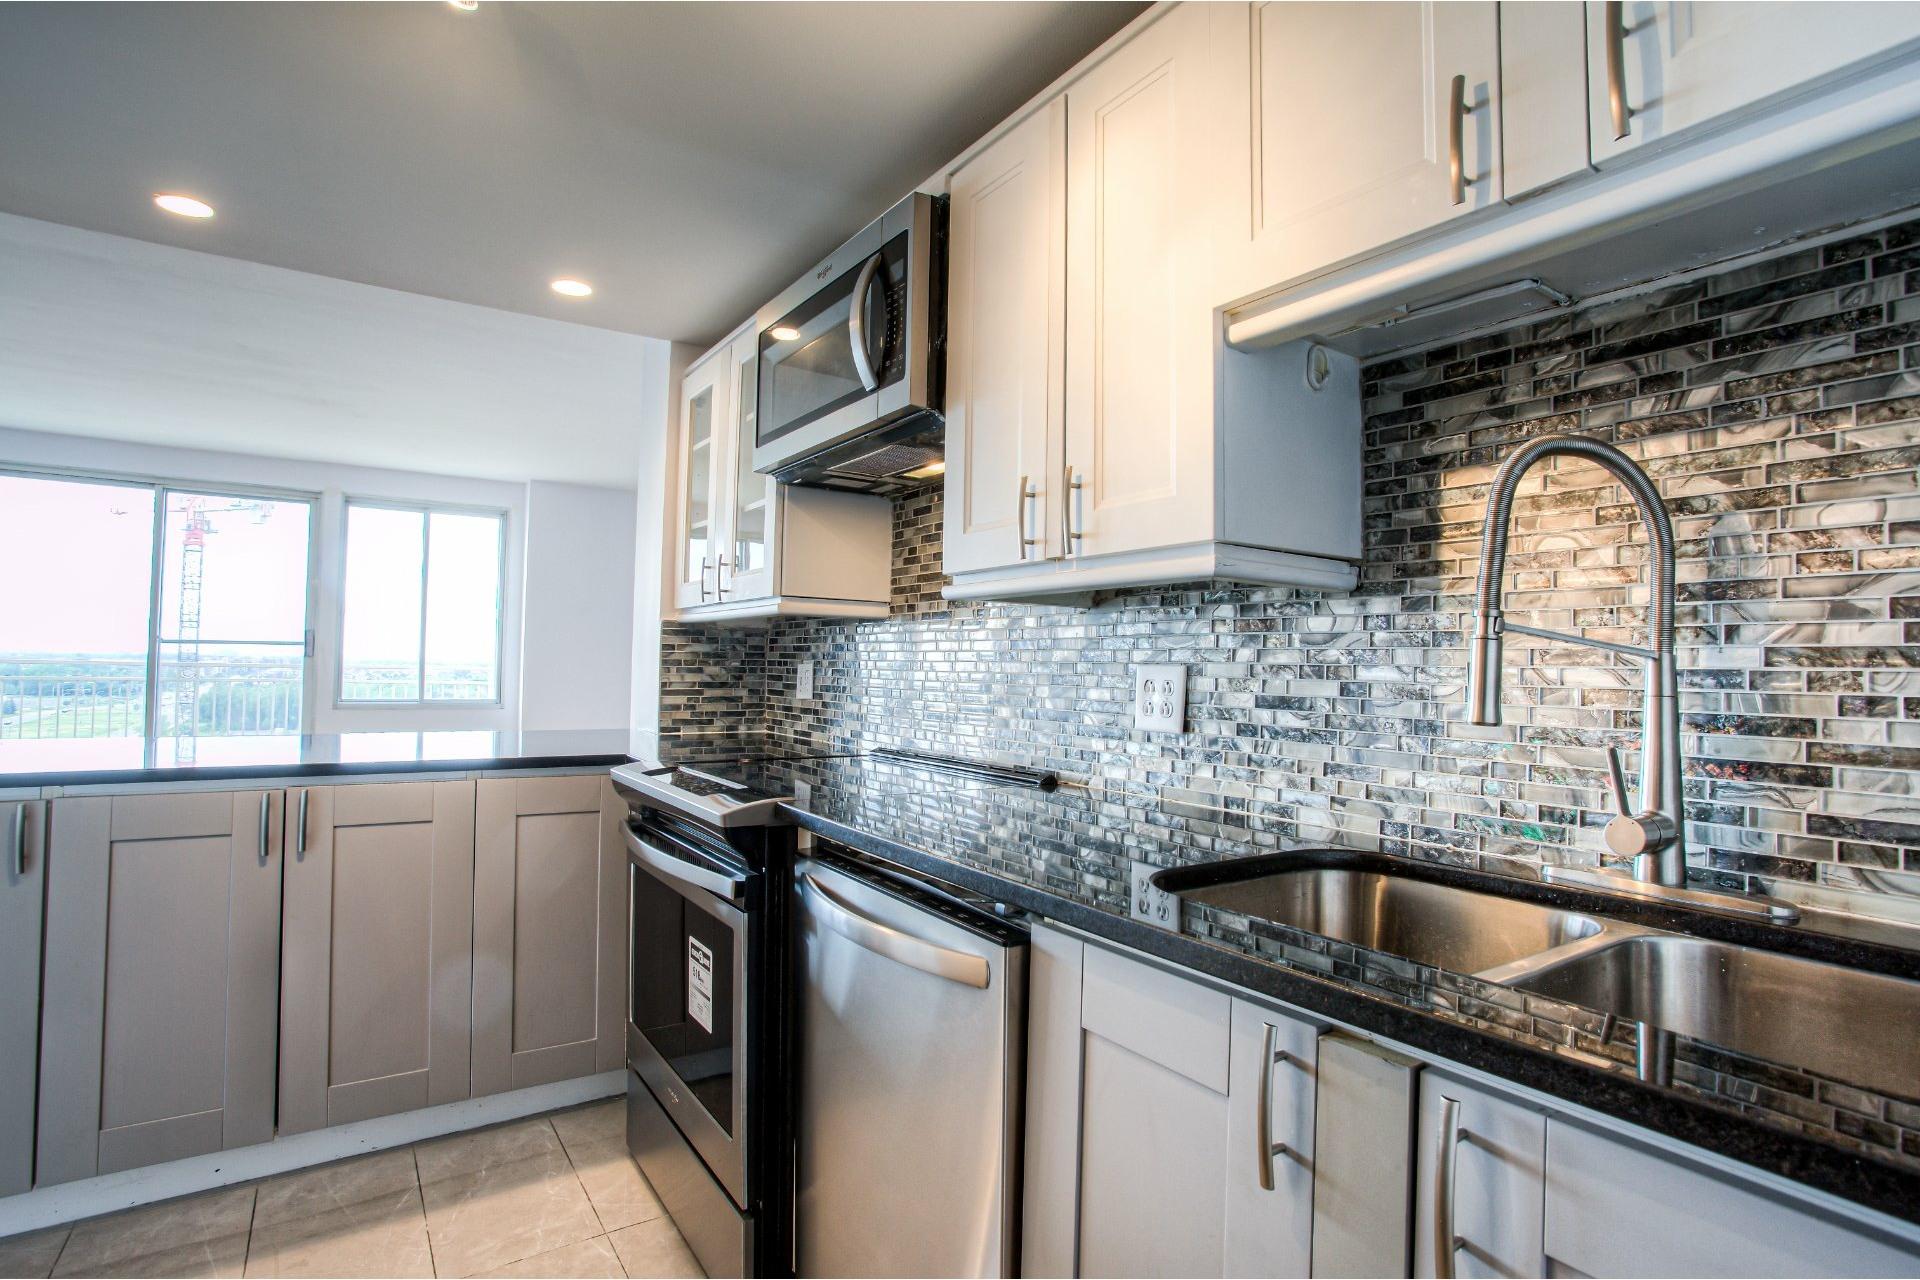 image 13 - Apartment For rent Saint-Laurent Montréal  - 8 rooms